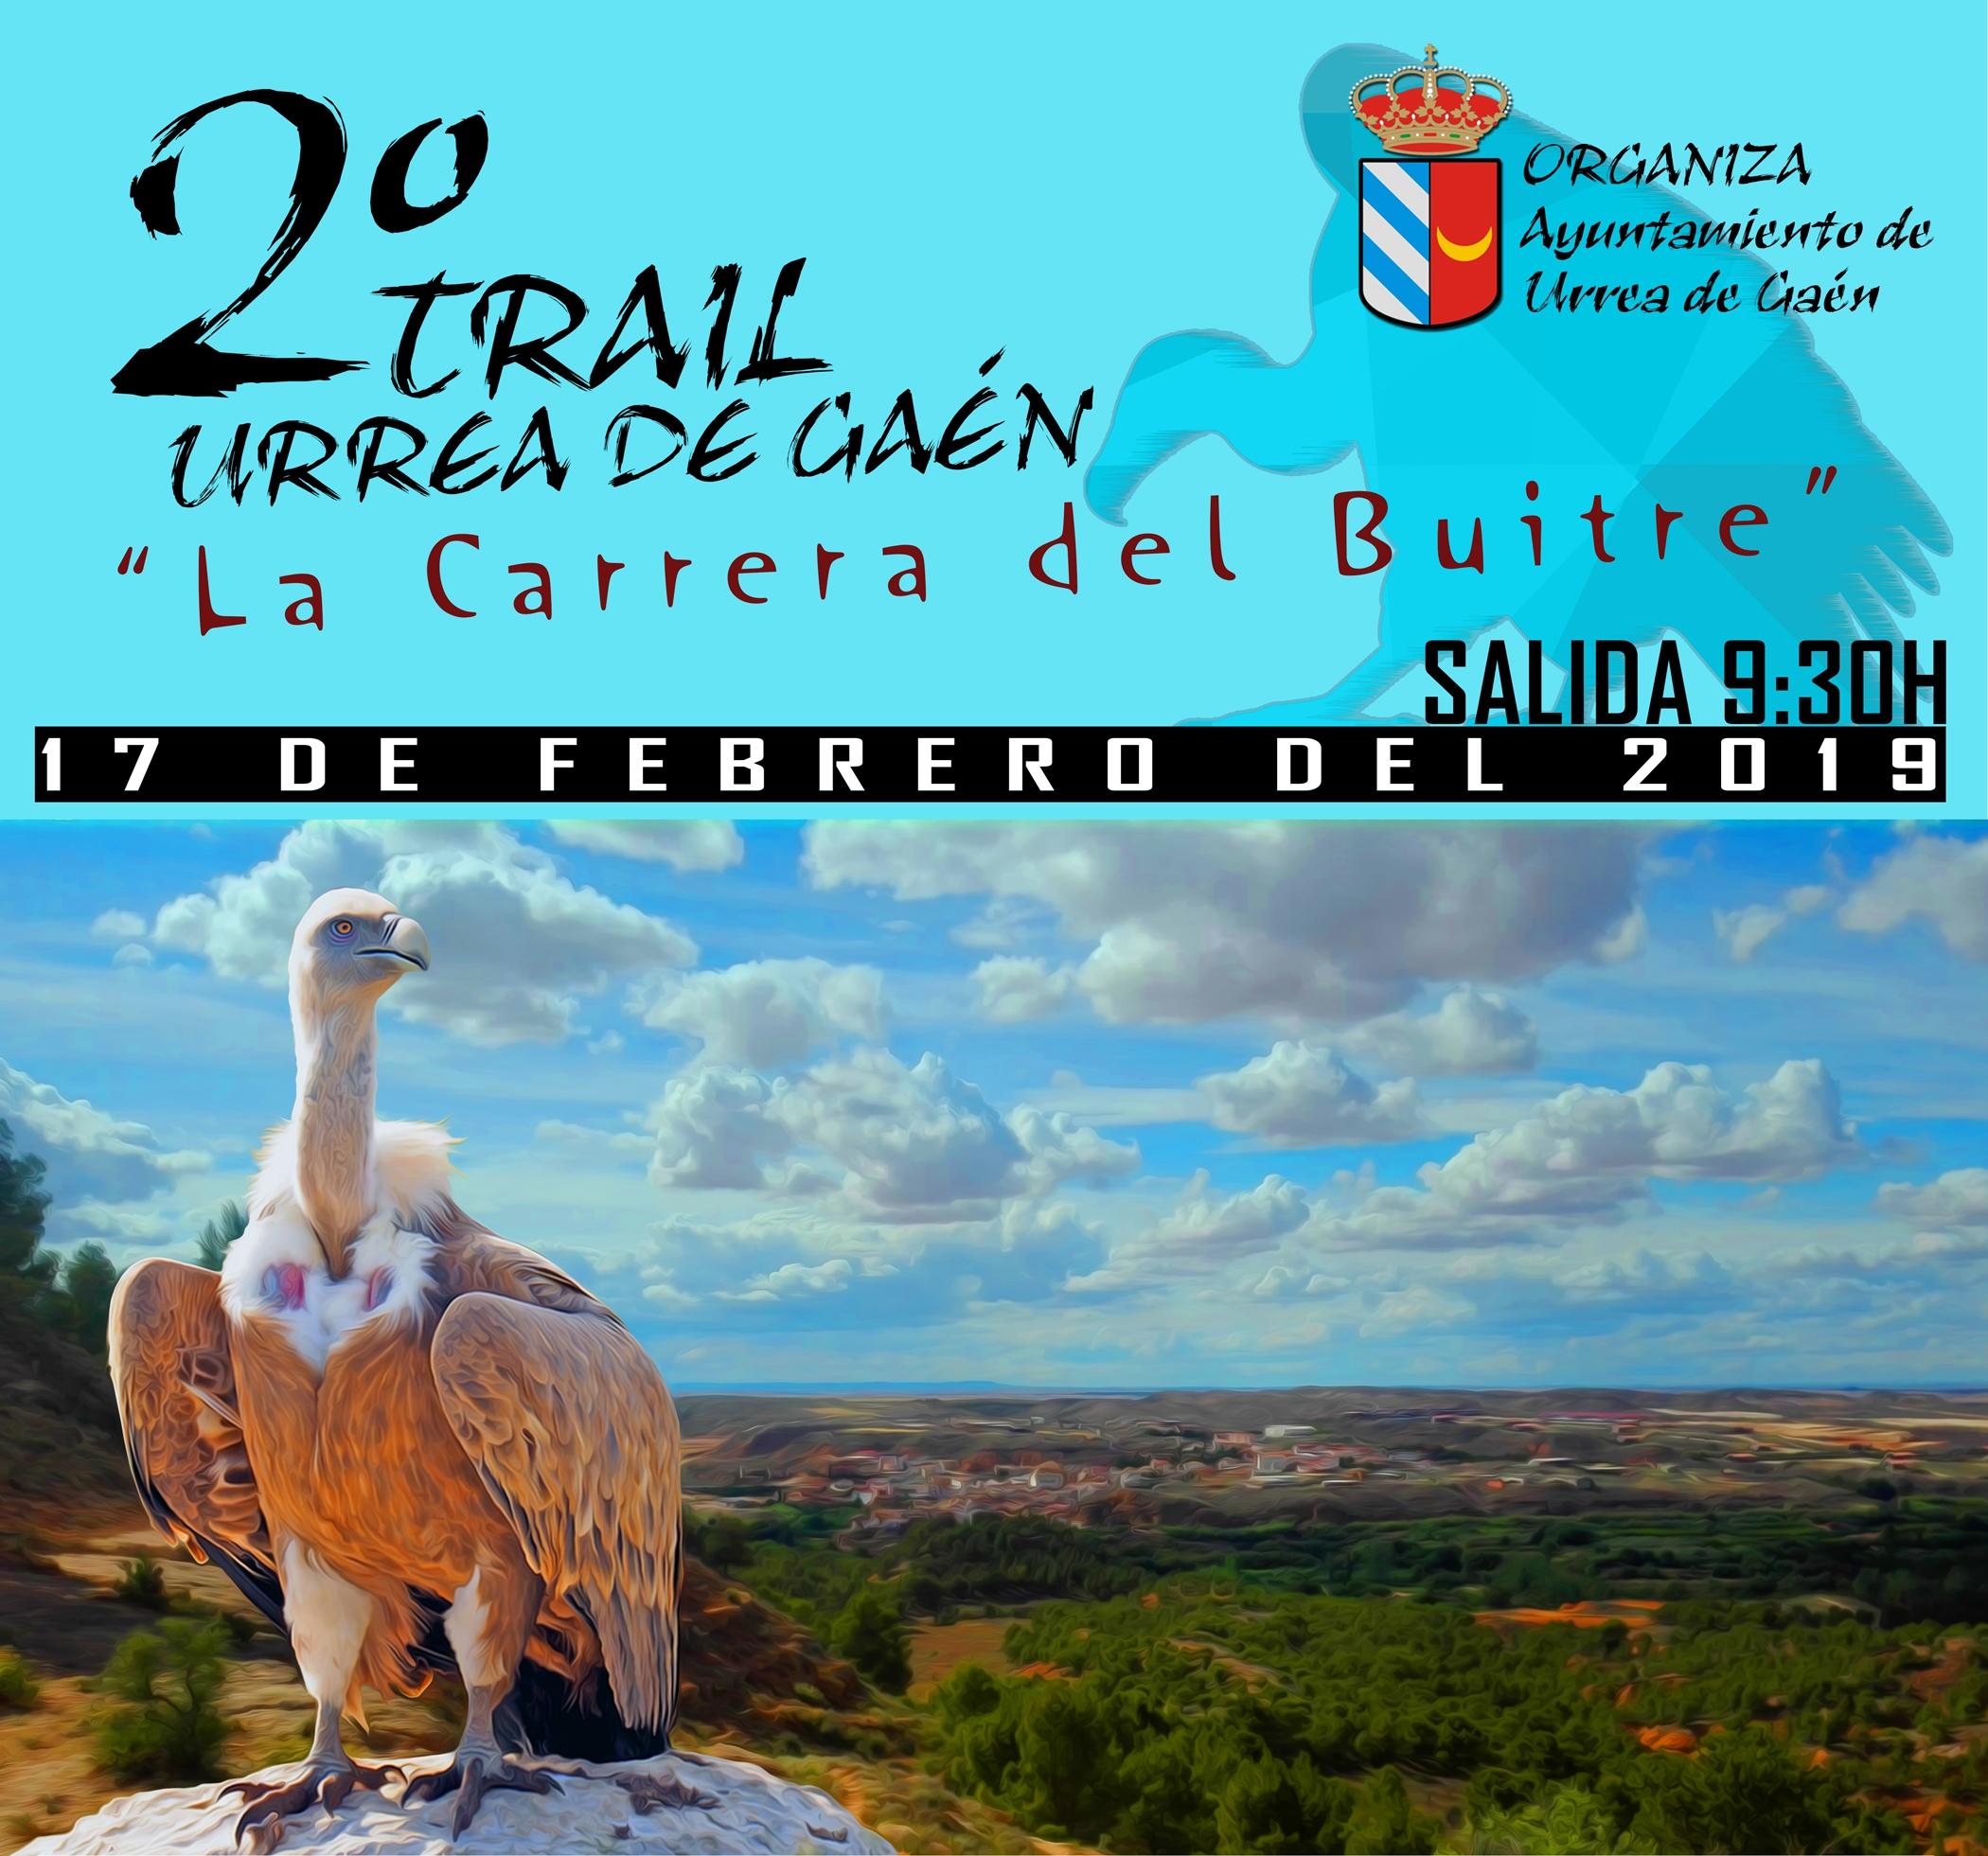 II TRAIL URREA DE GAEN